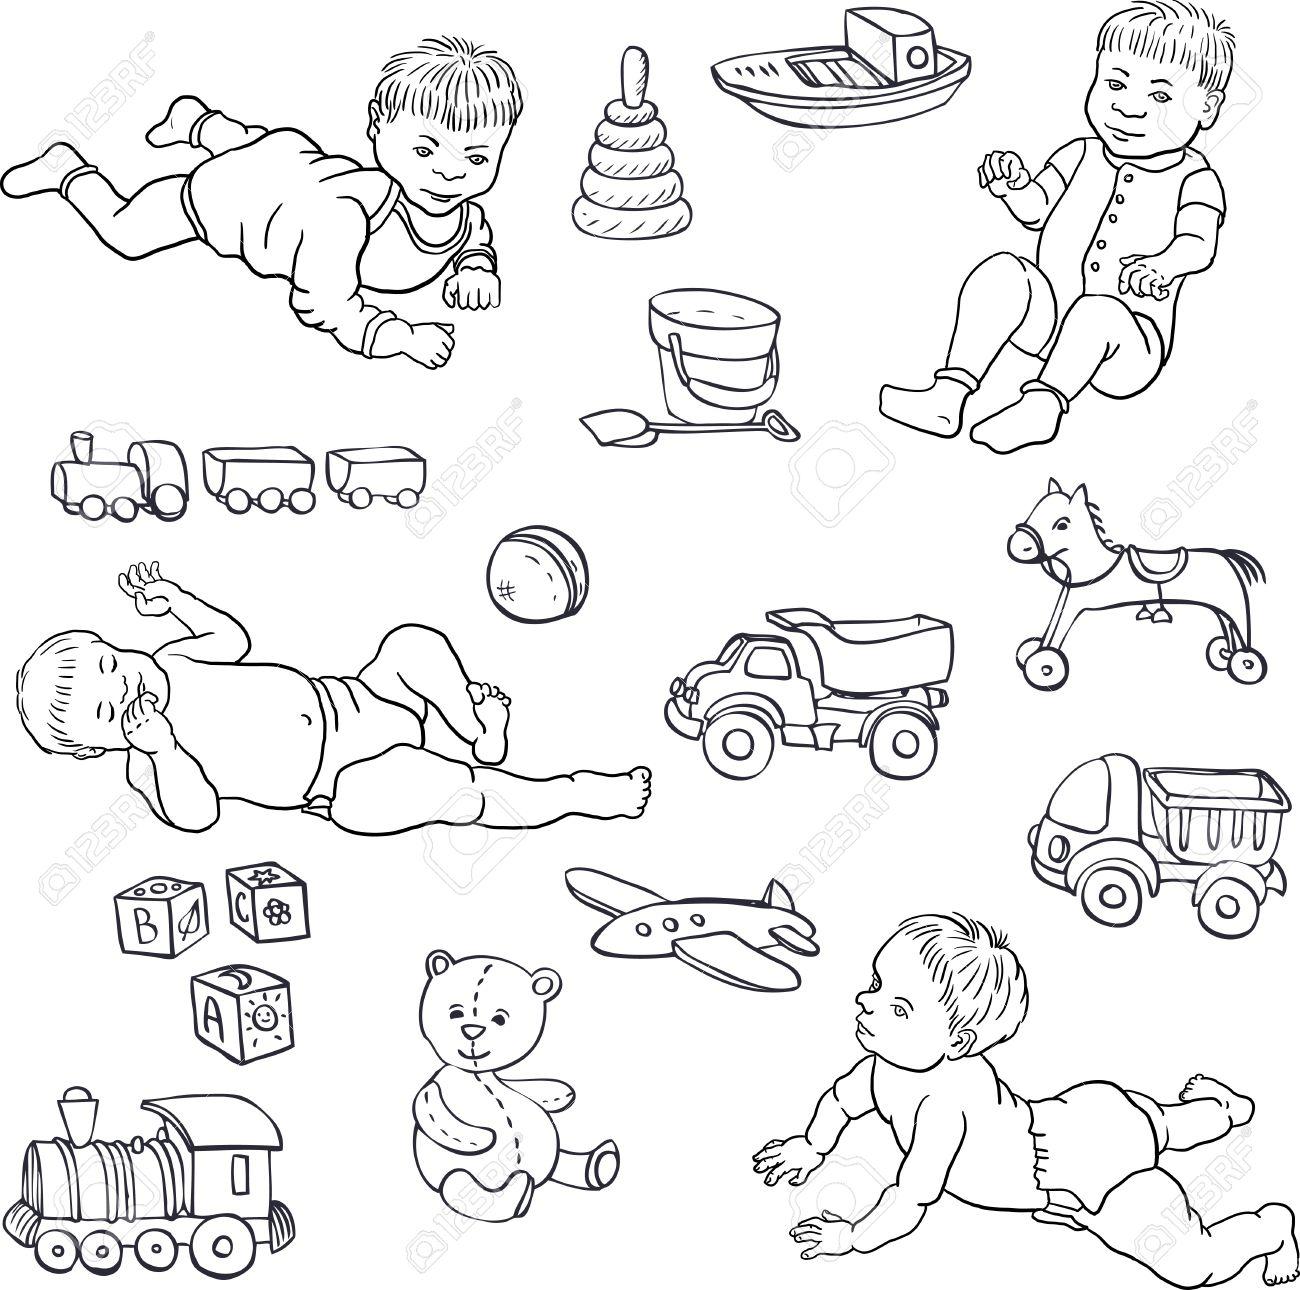 Satz Von Strichzeichnung Babys Und Spielzeug, Autos, Bär, Horce ...